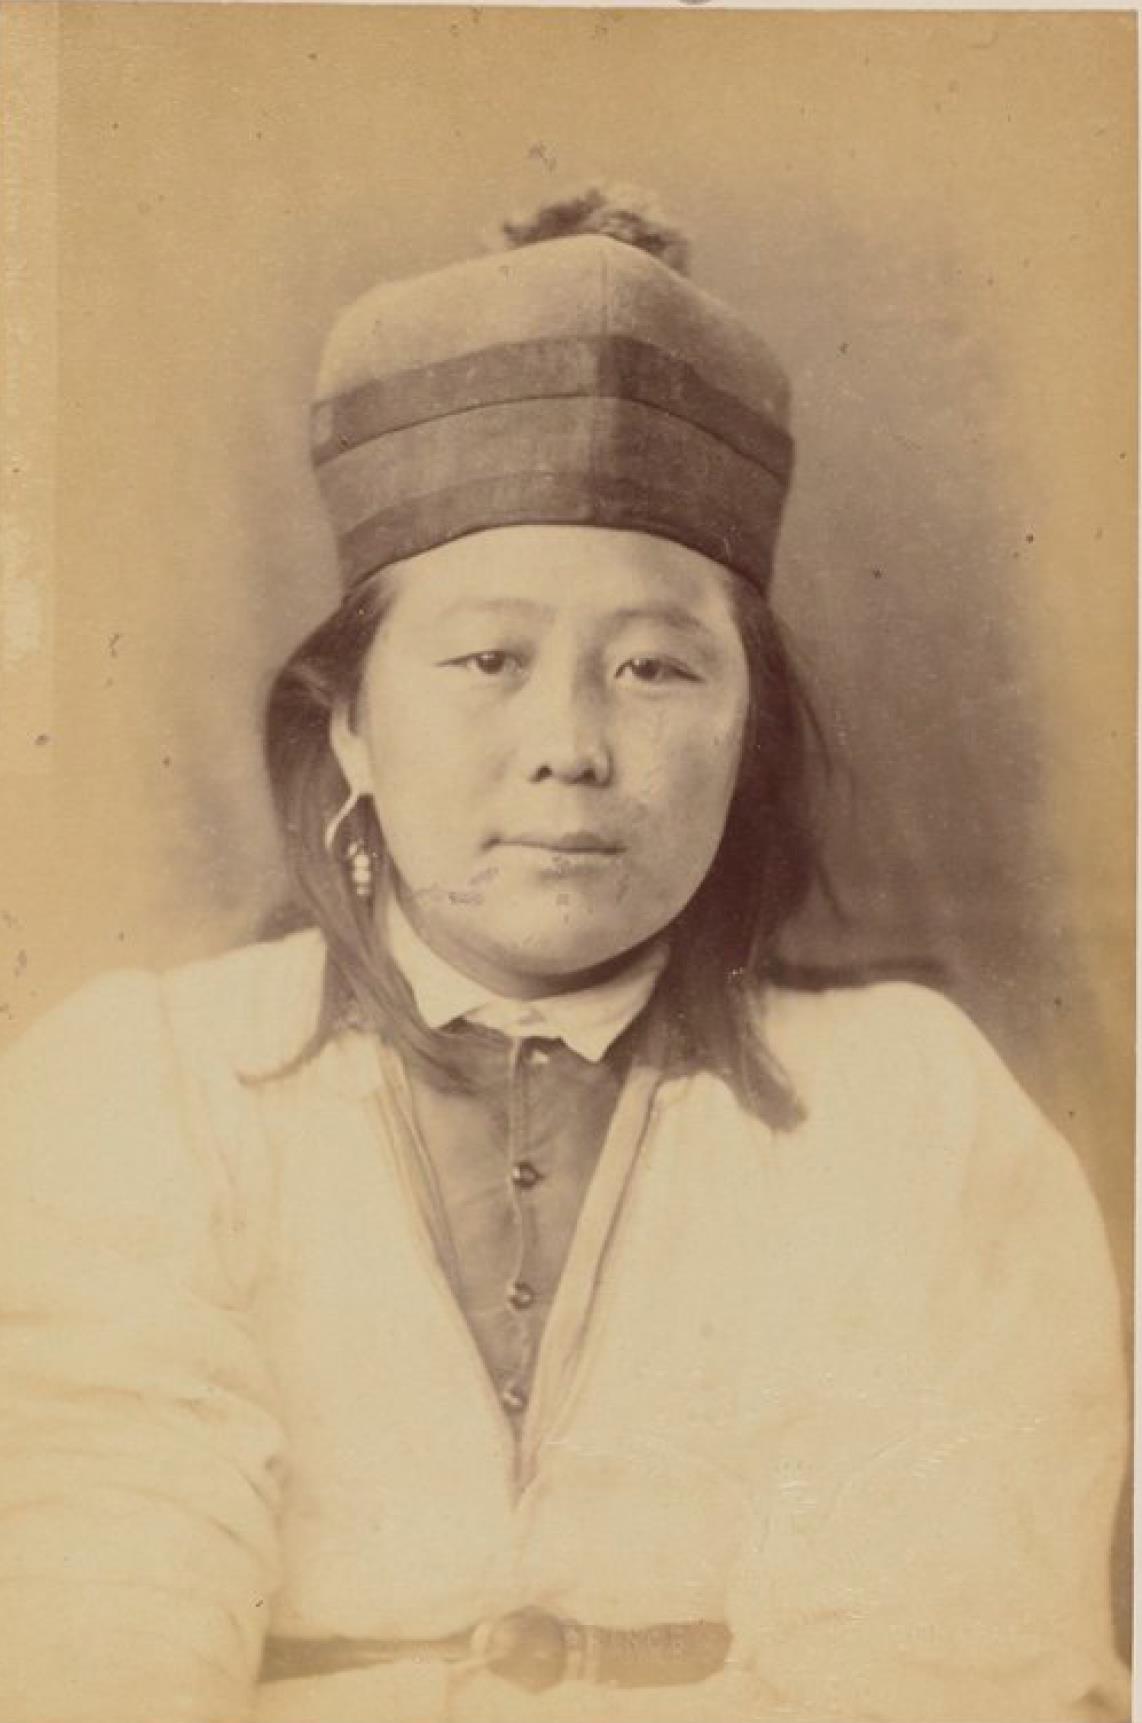 Нагала, 18 лет, девушка, чистокровная калмычка (вид спереди)